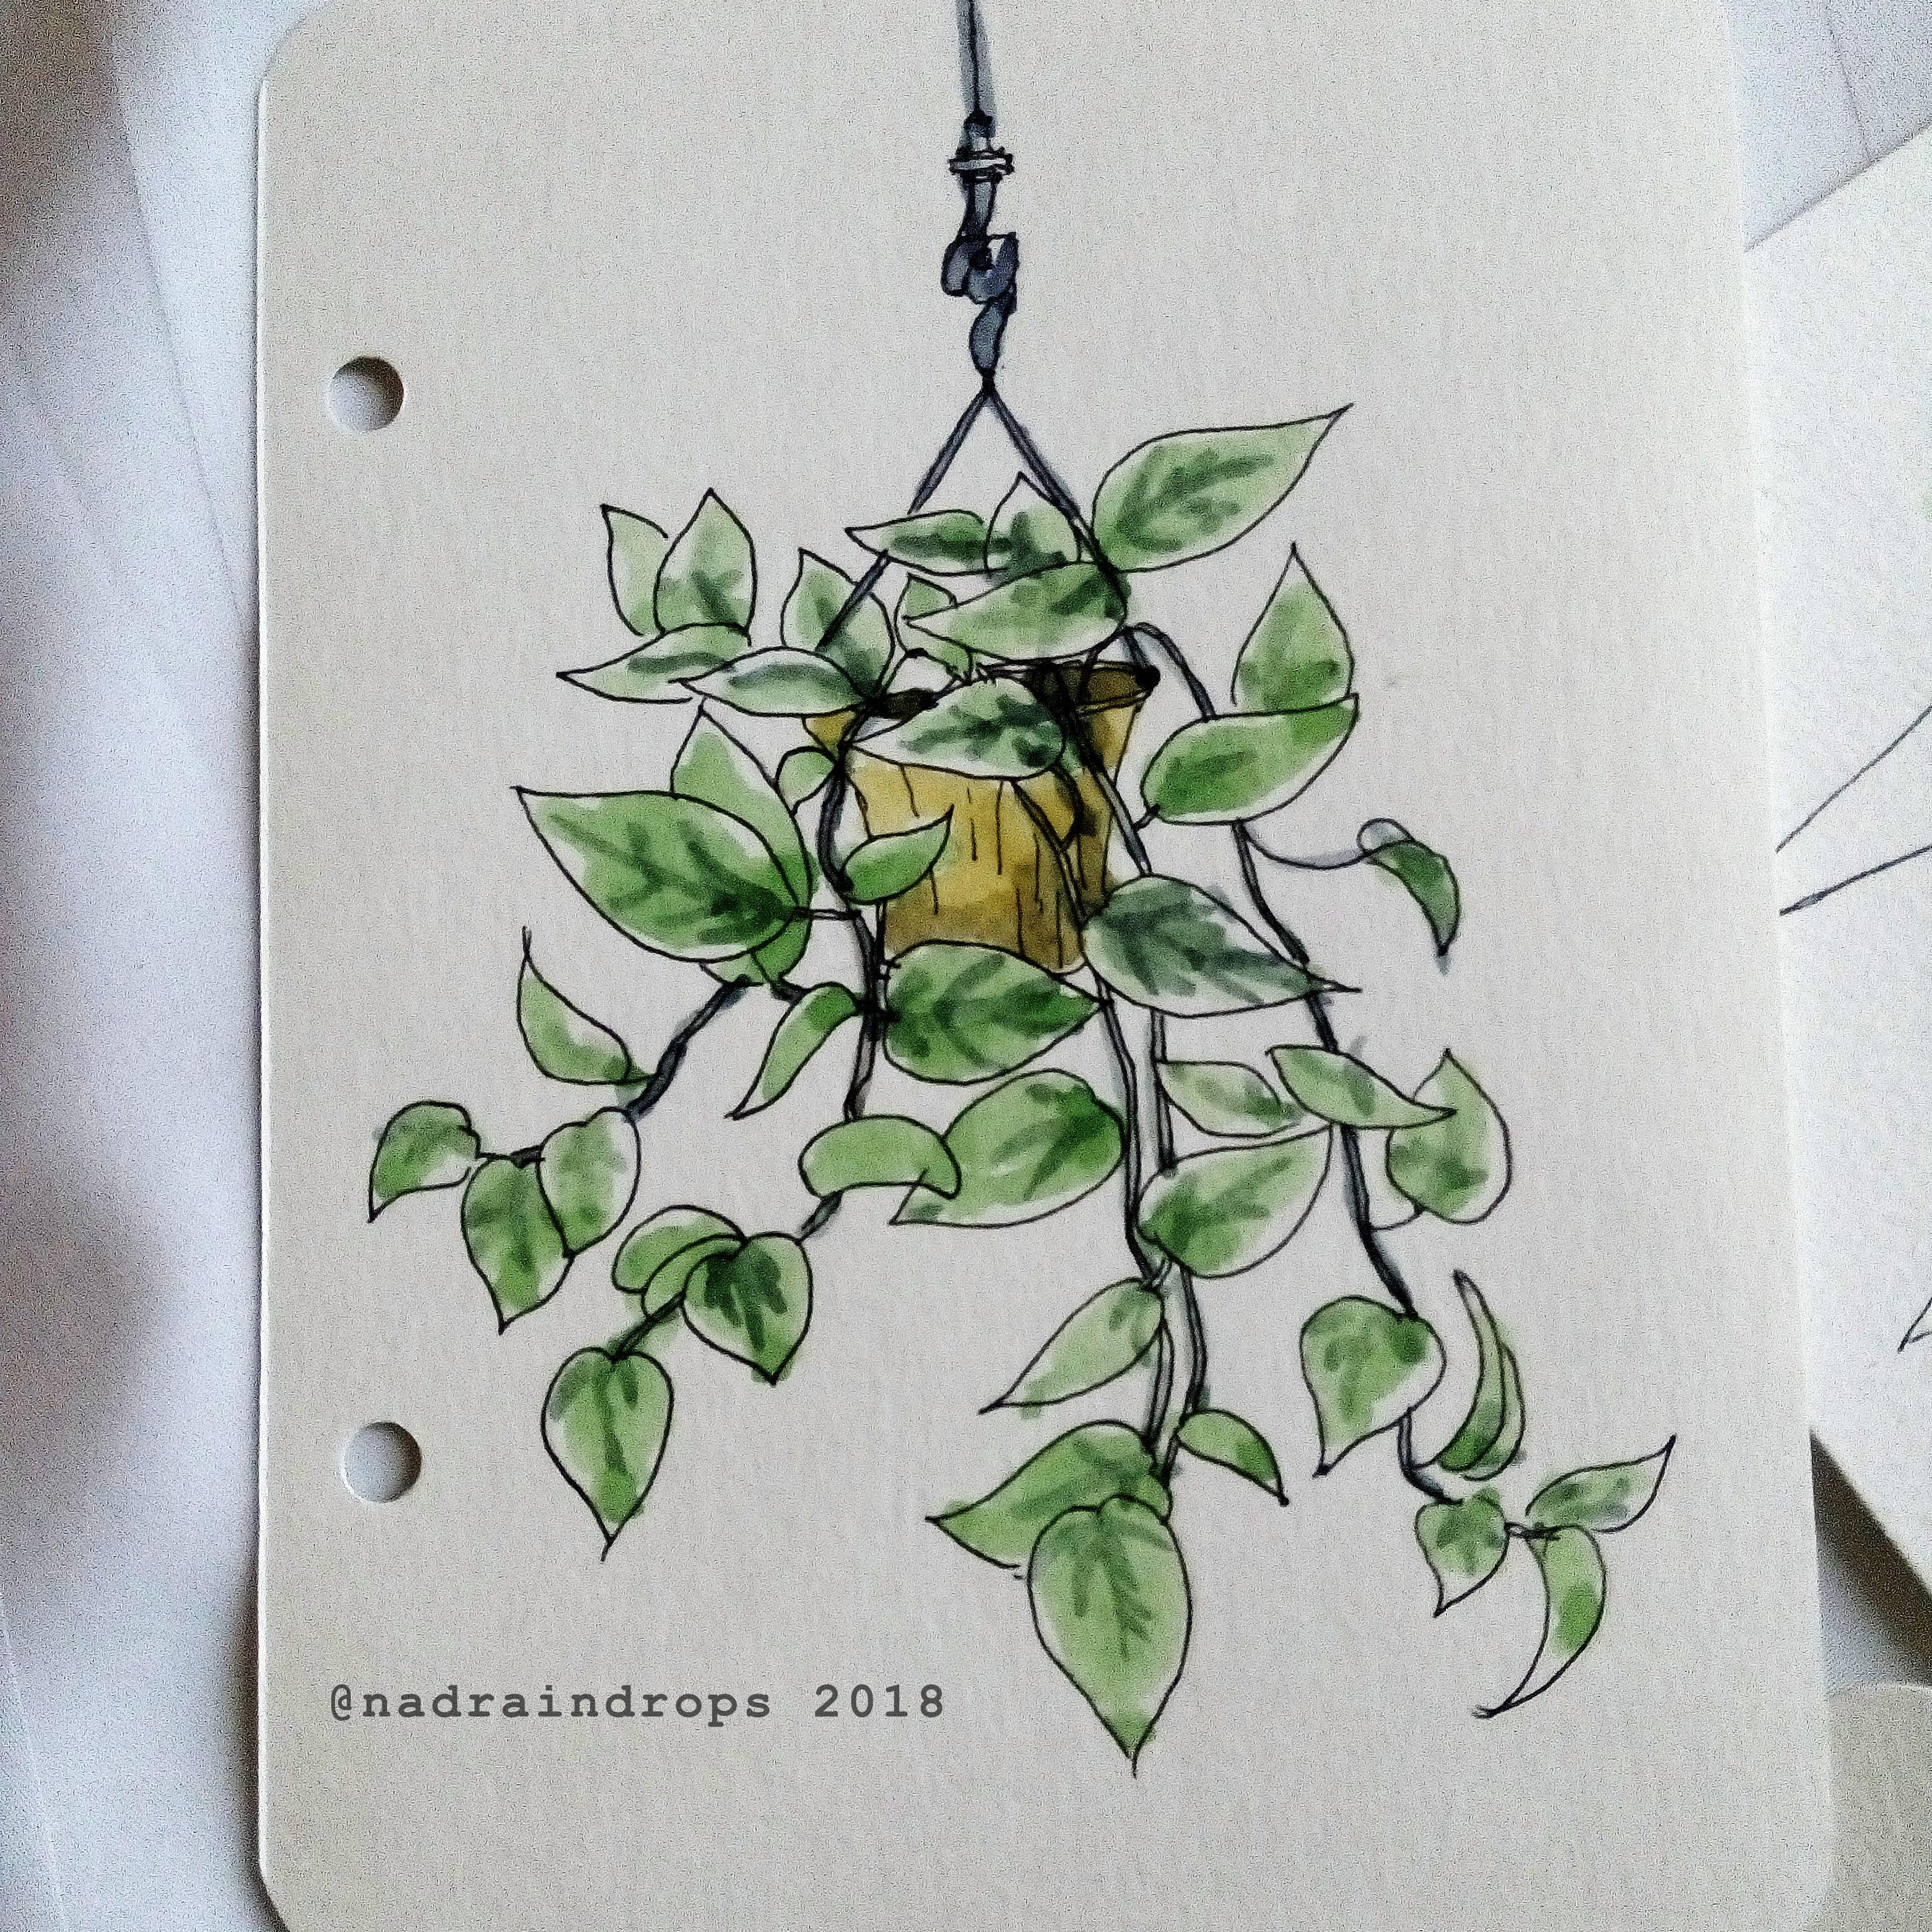 nadiya rahmah golden pothos 2018